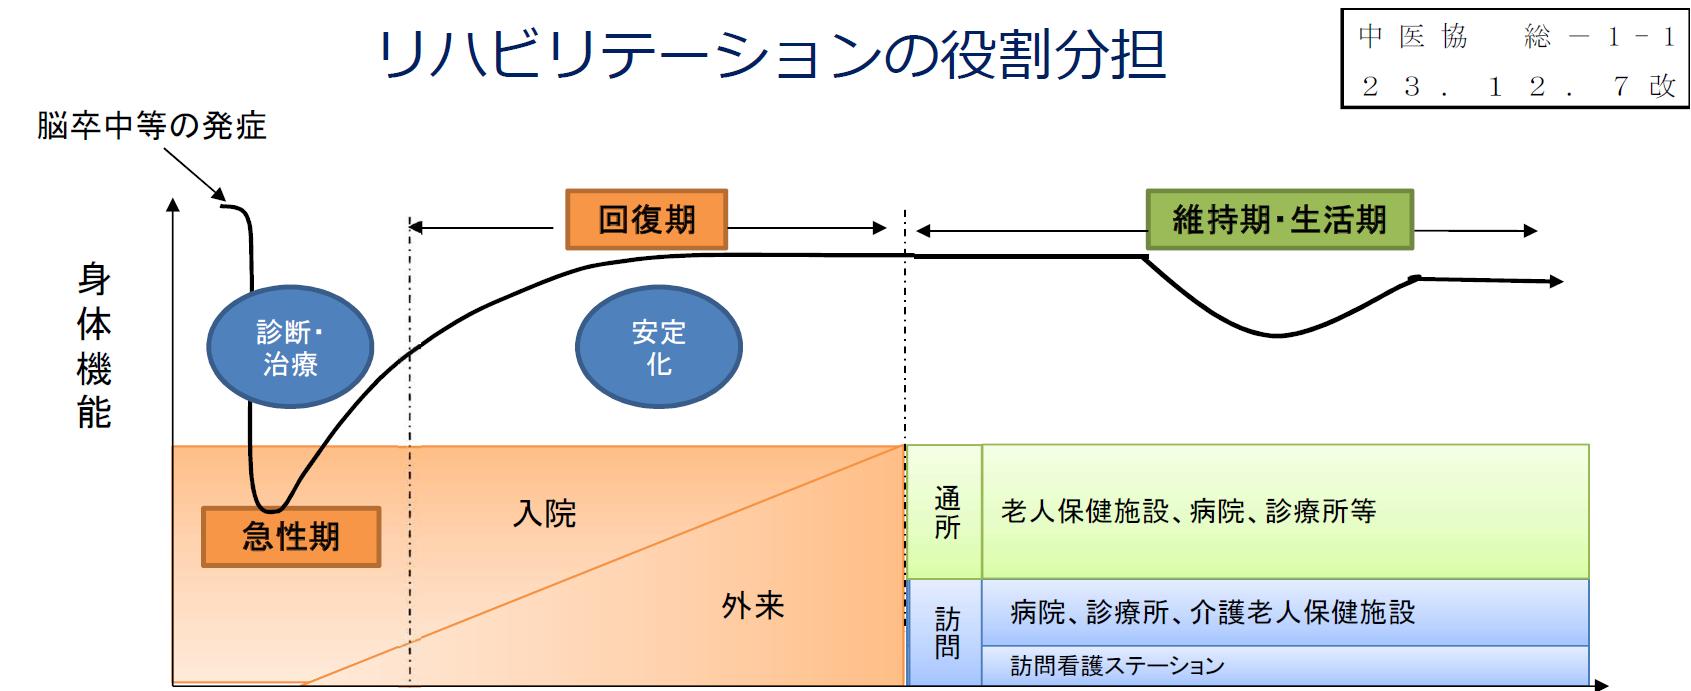 リハビリテーションの役割分担のイメージ